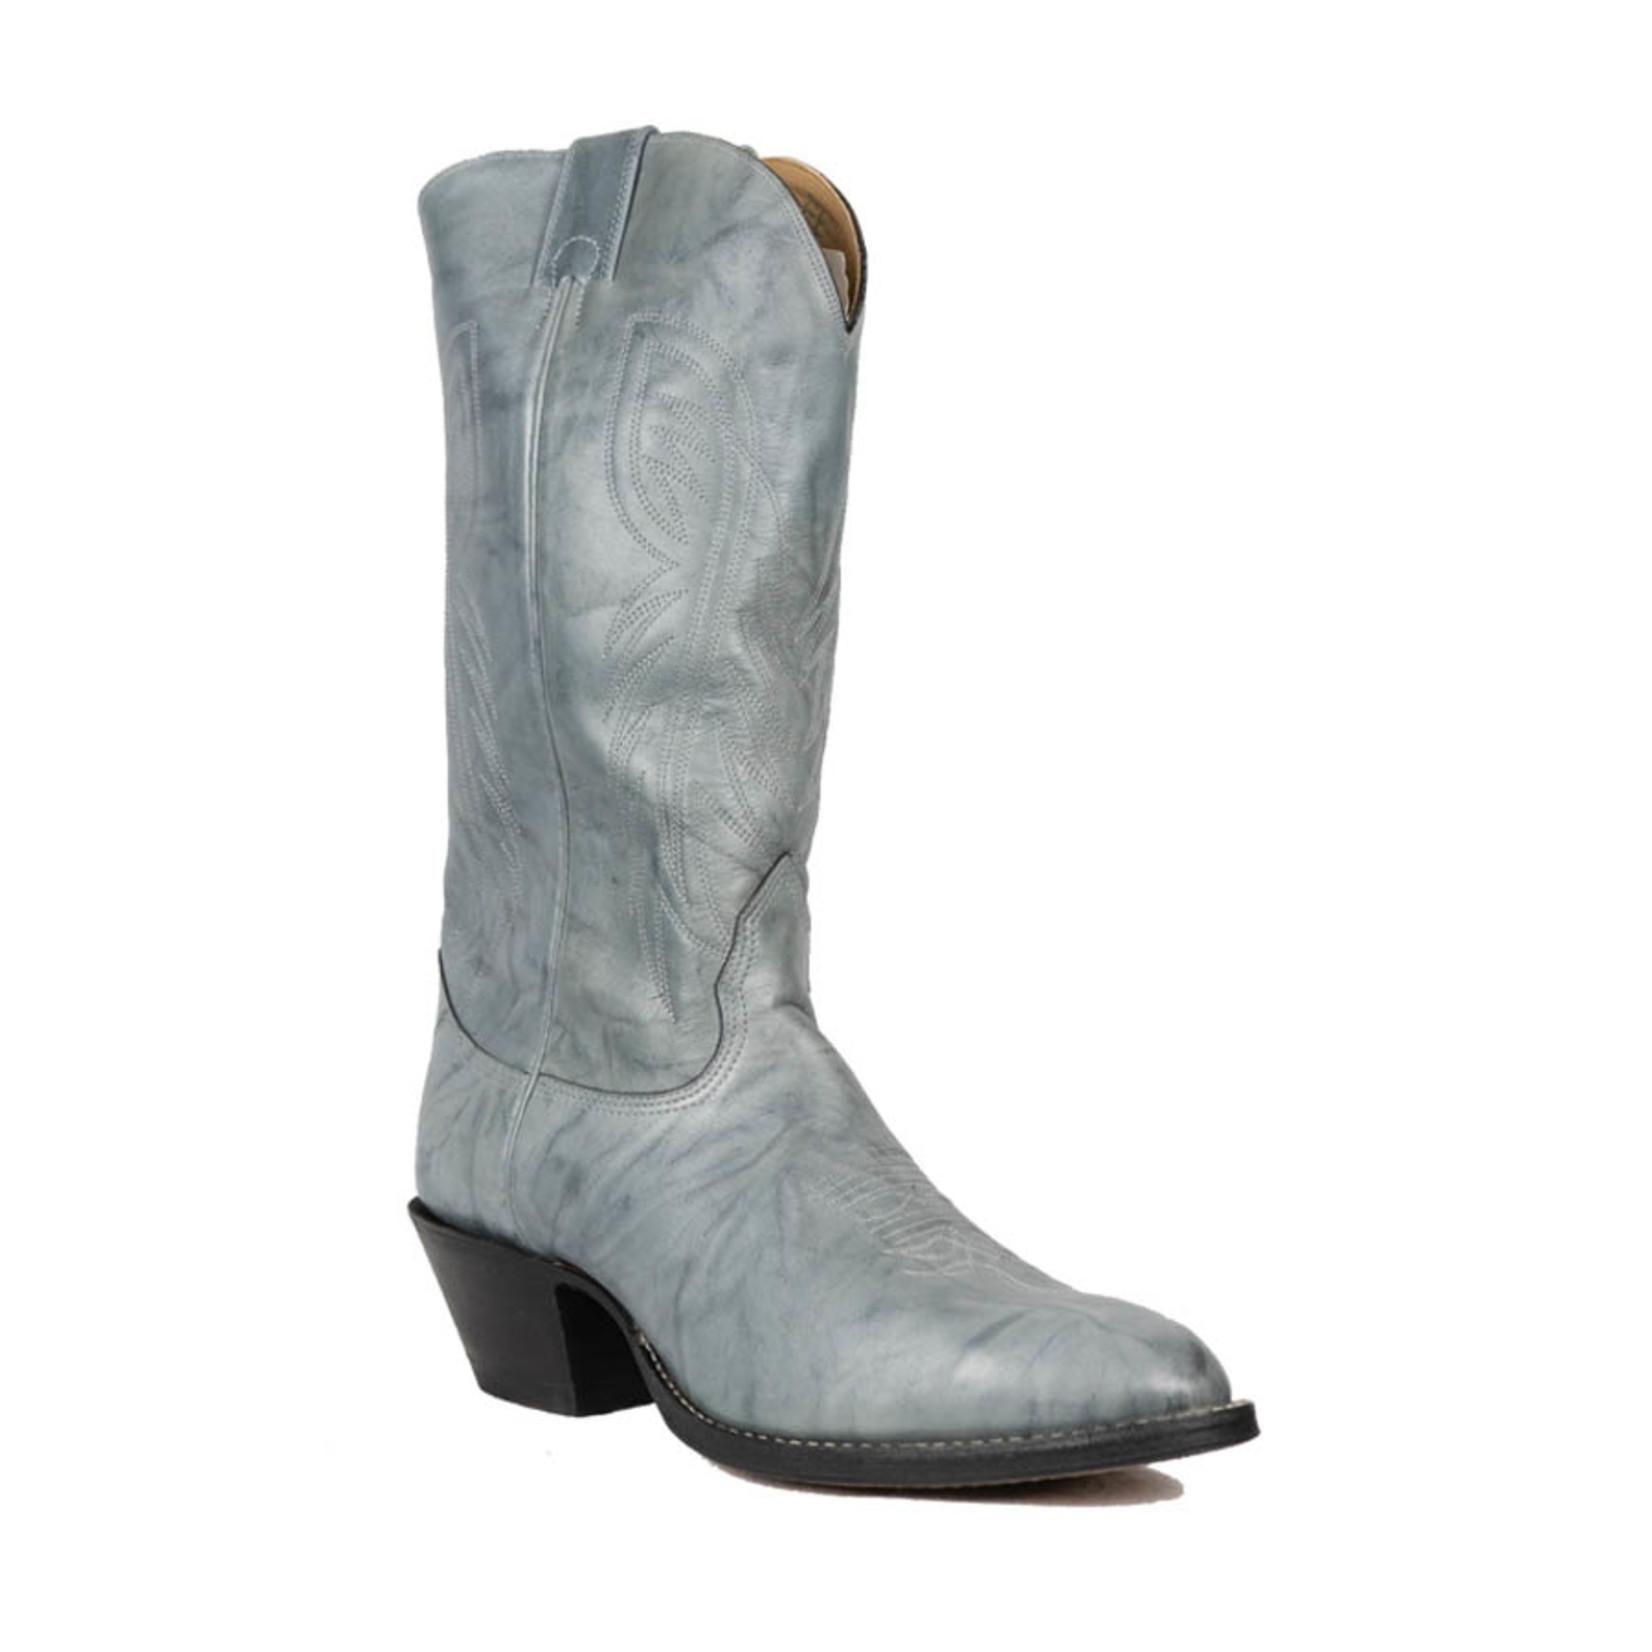 Alberta Boots Alberta Boots Men's Cowboy Boot 322TBR 2E